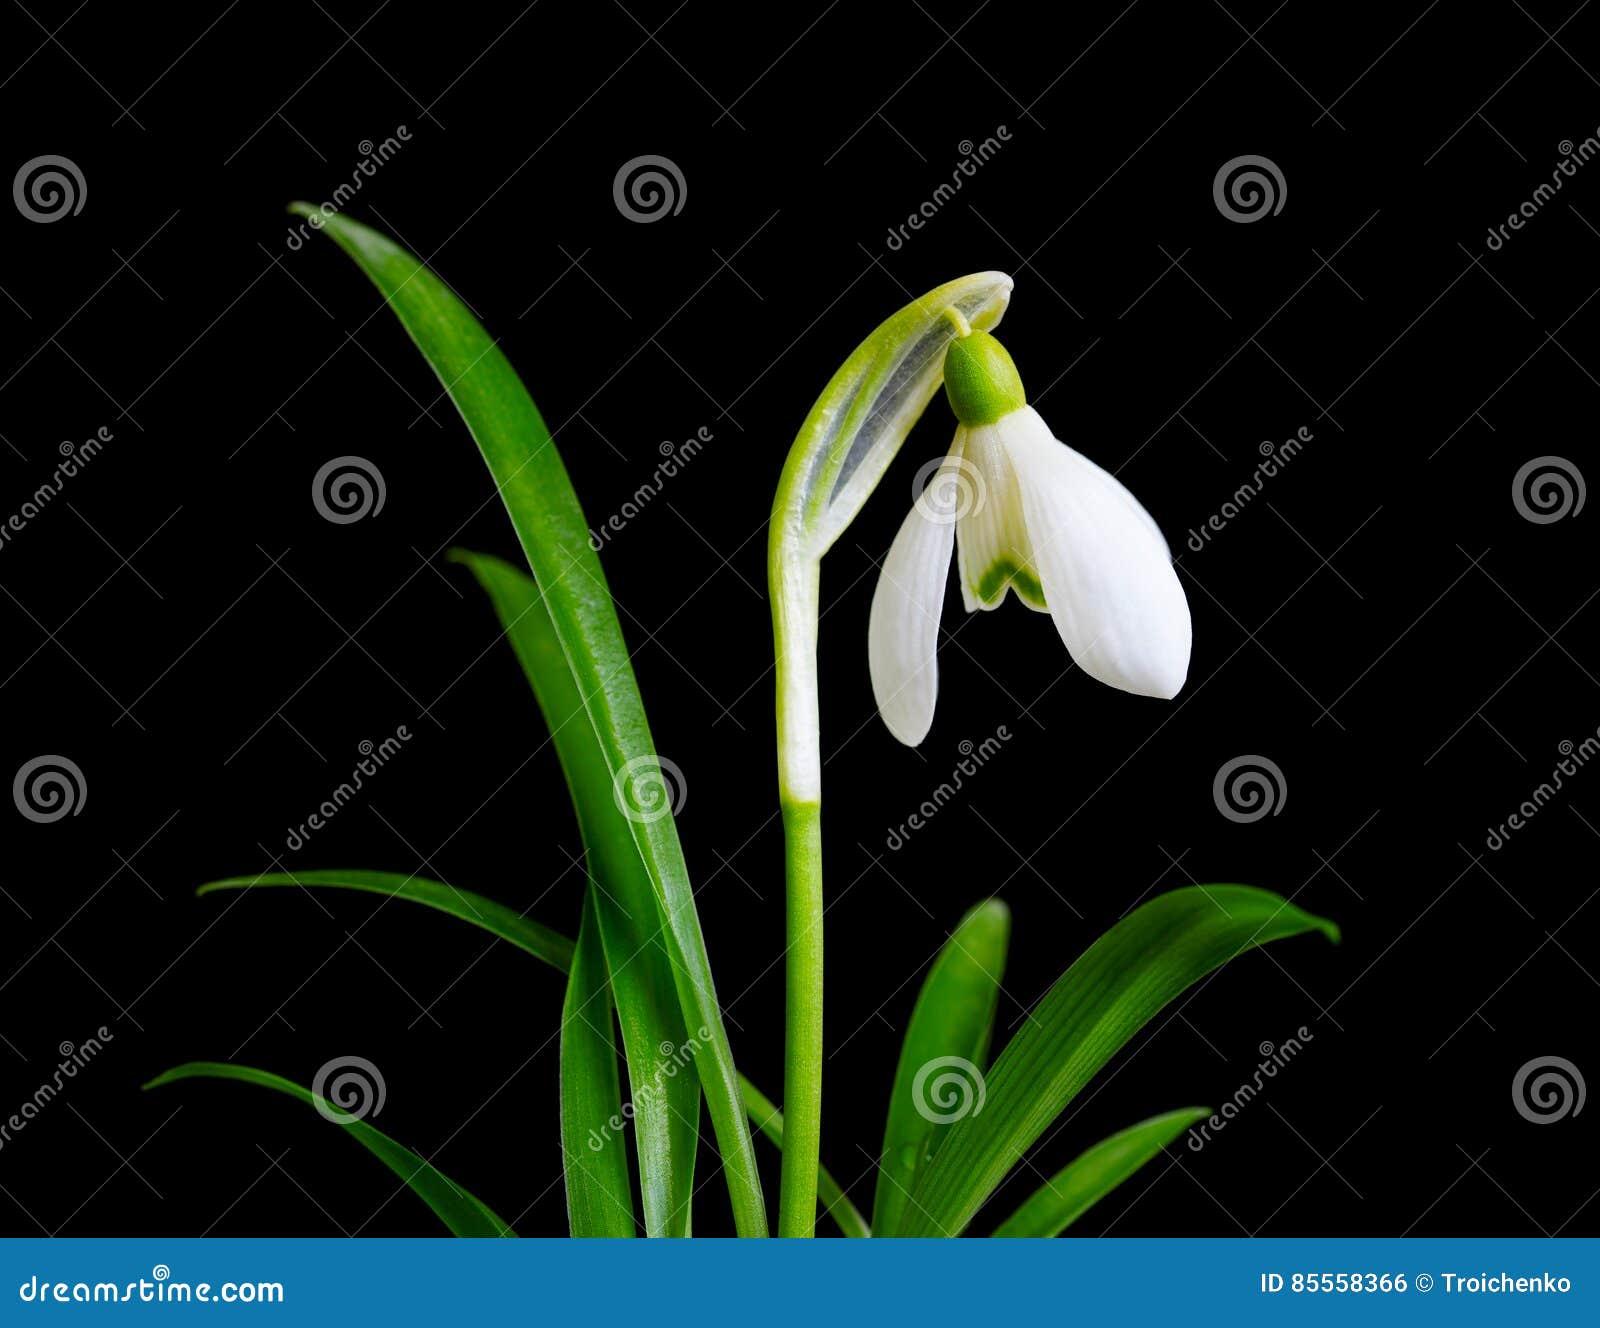 Schneeglöckchen mit den Blättern lokalisiert Kleines Schneeglöckchen mit dem grünen Blatt lokalisiert